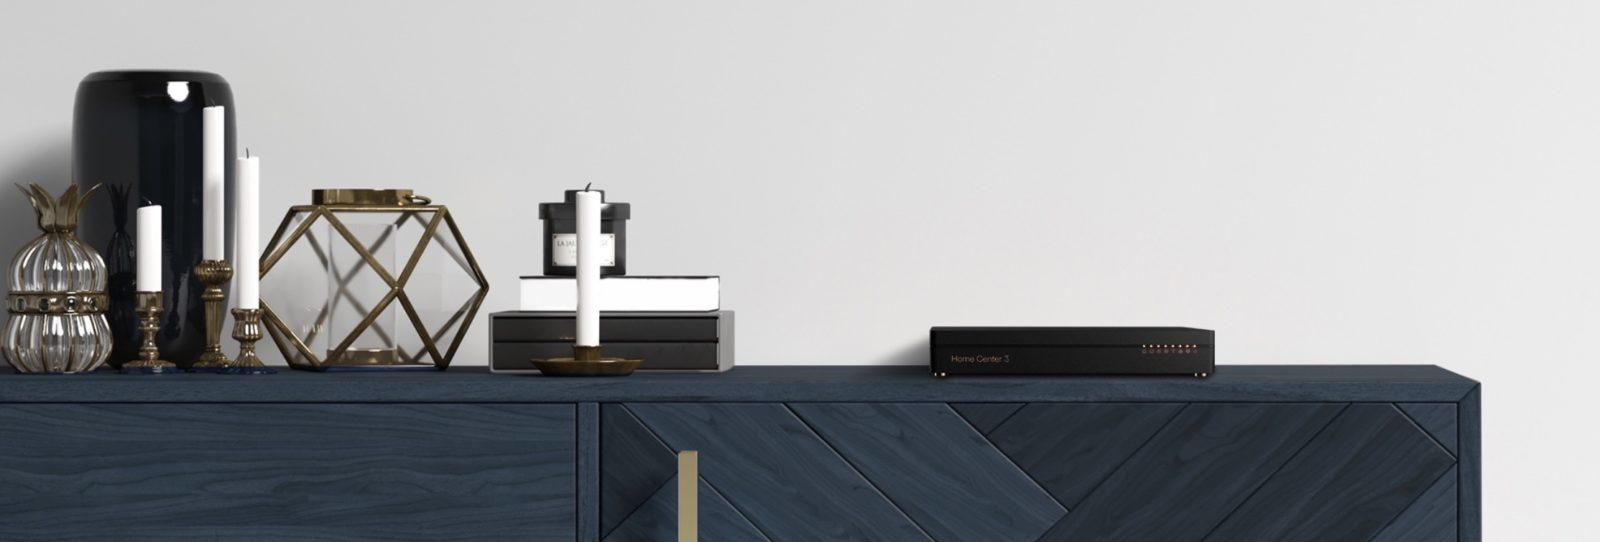 Fibaro Home Center 3, l'evoluzione del gateway domotico d'eccellenza porta la firma di Nice